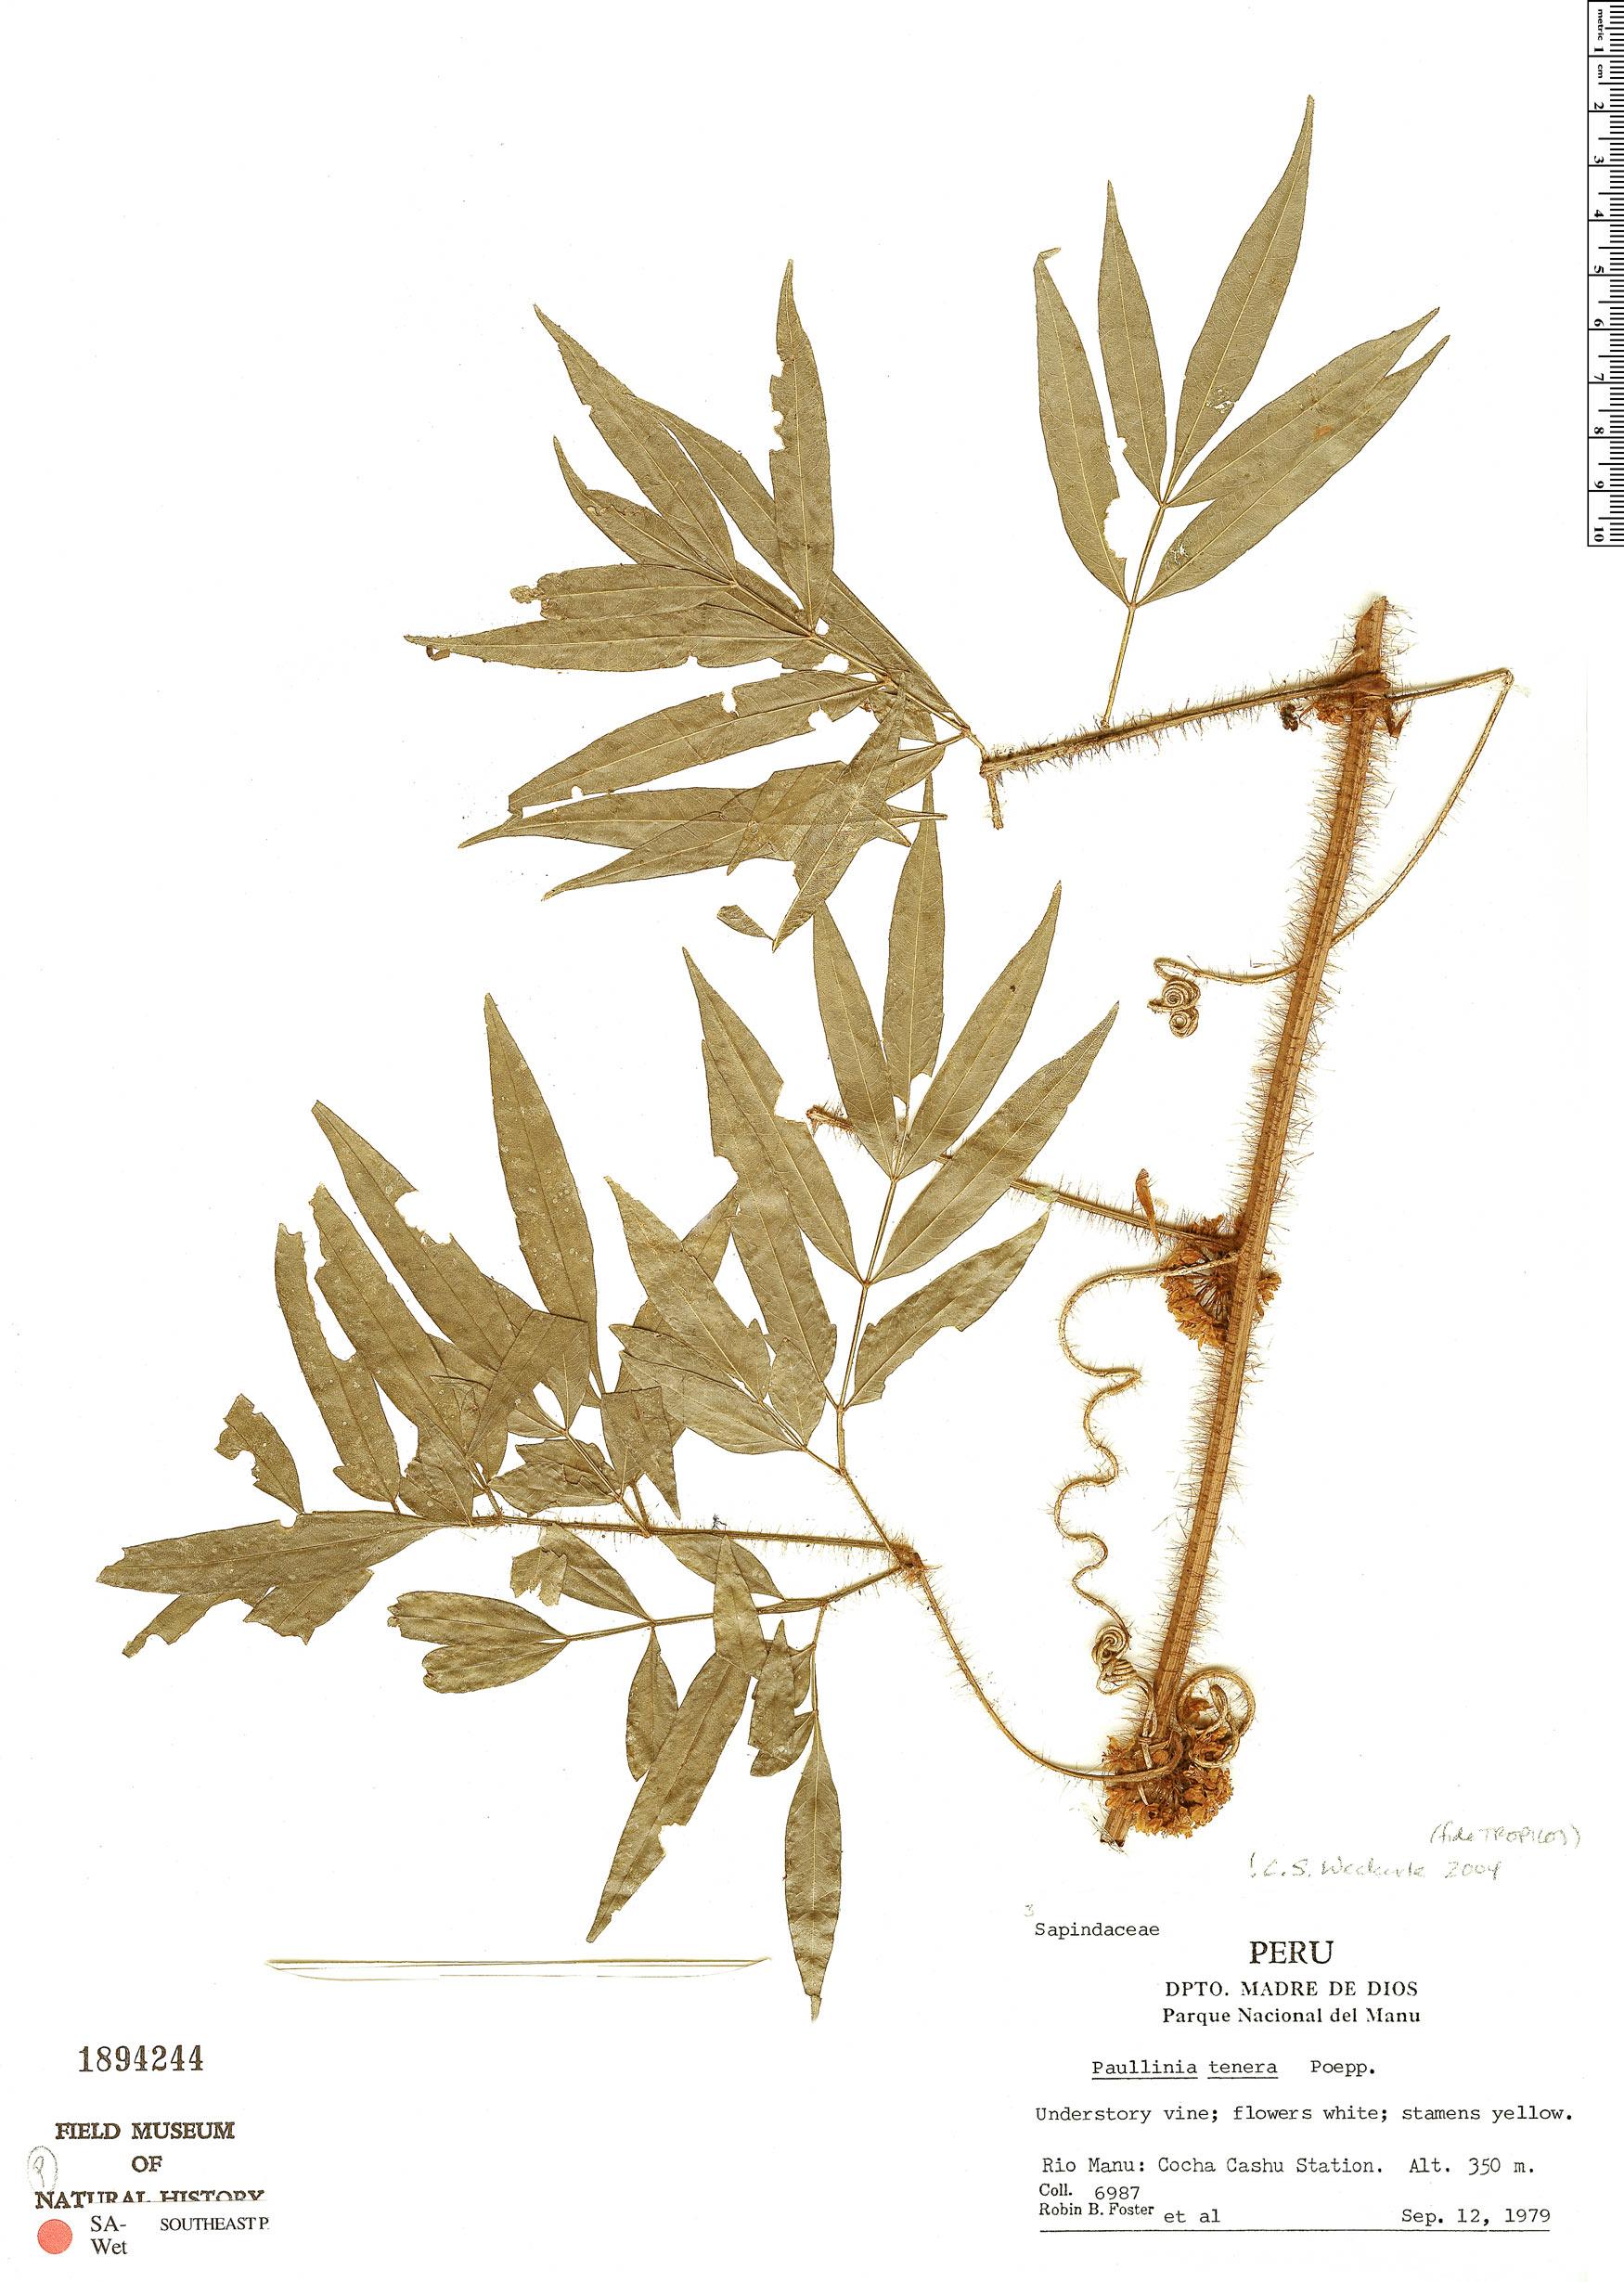 Specimen: Paullinia tenera